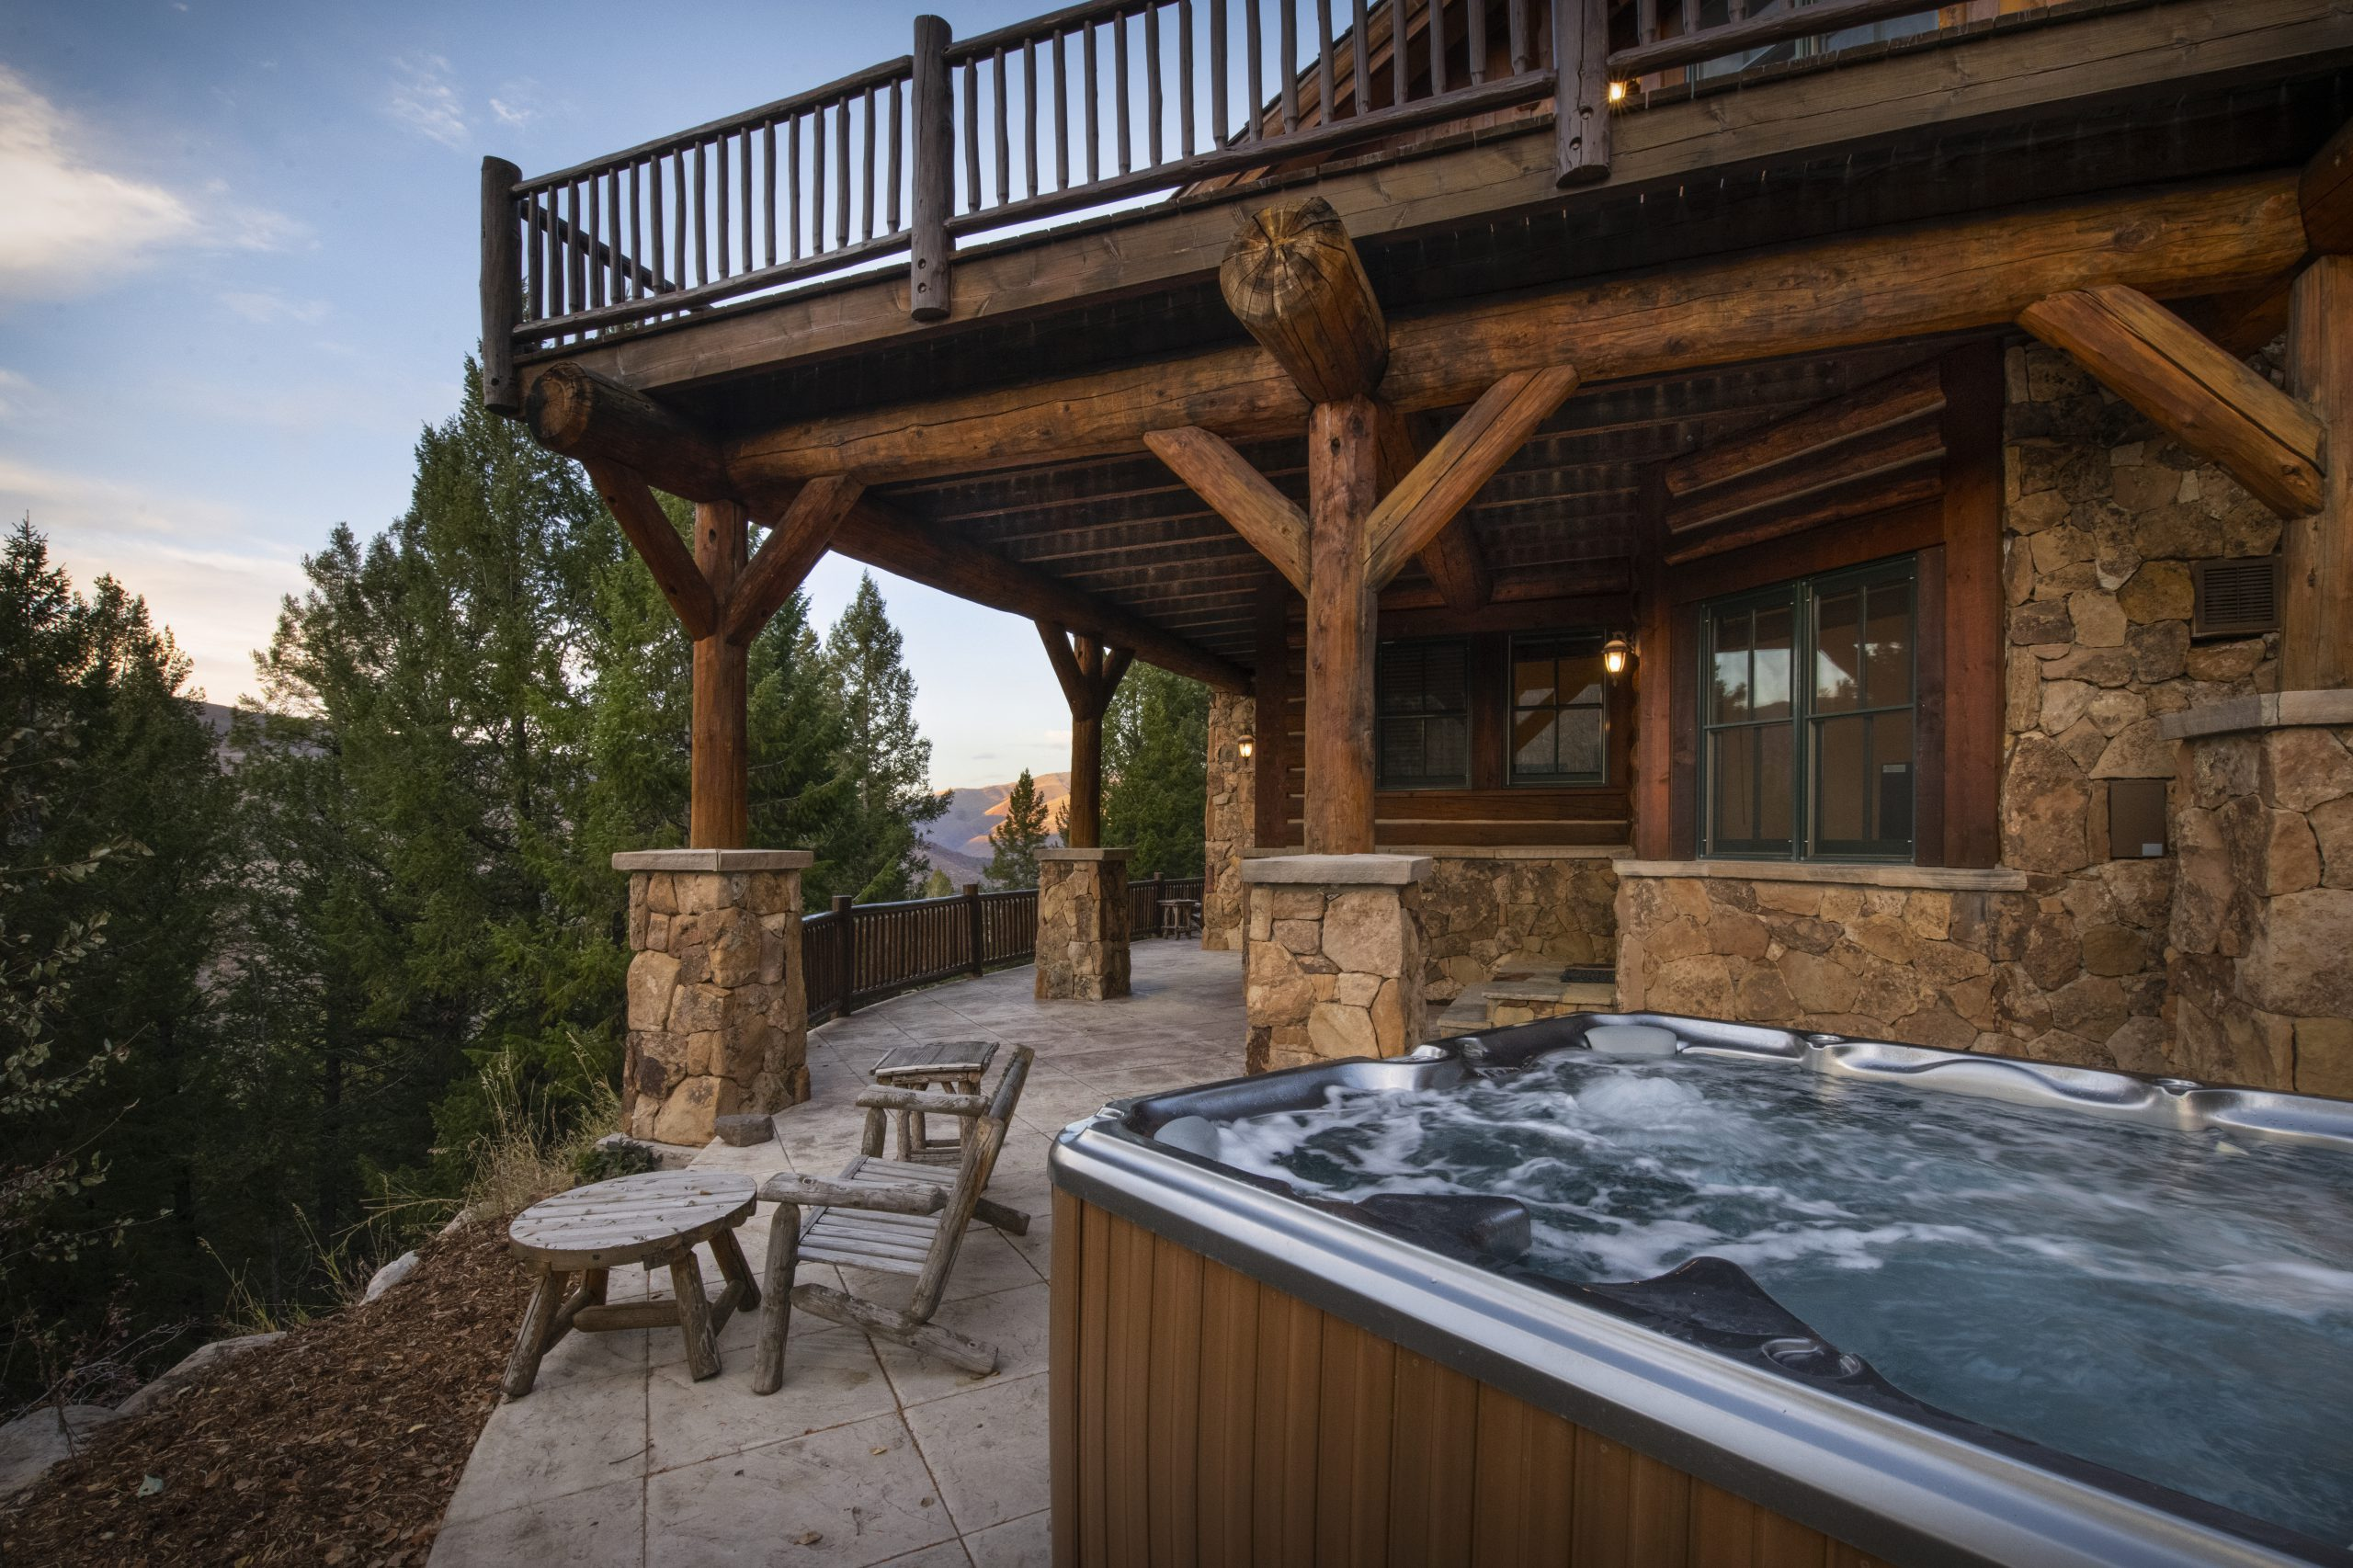 Hot Tub Outside of House